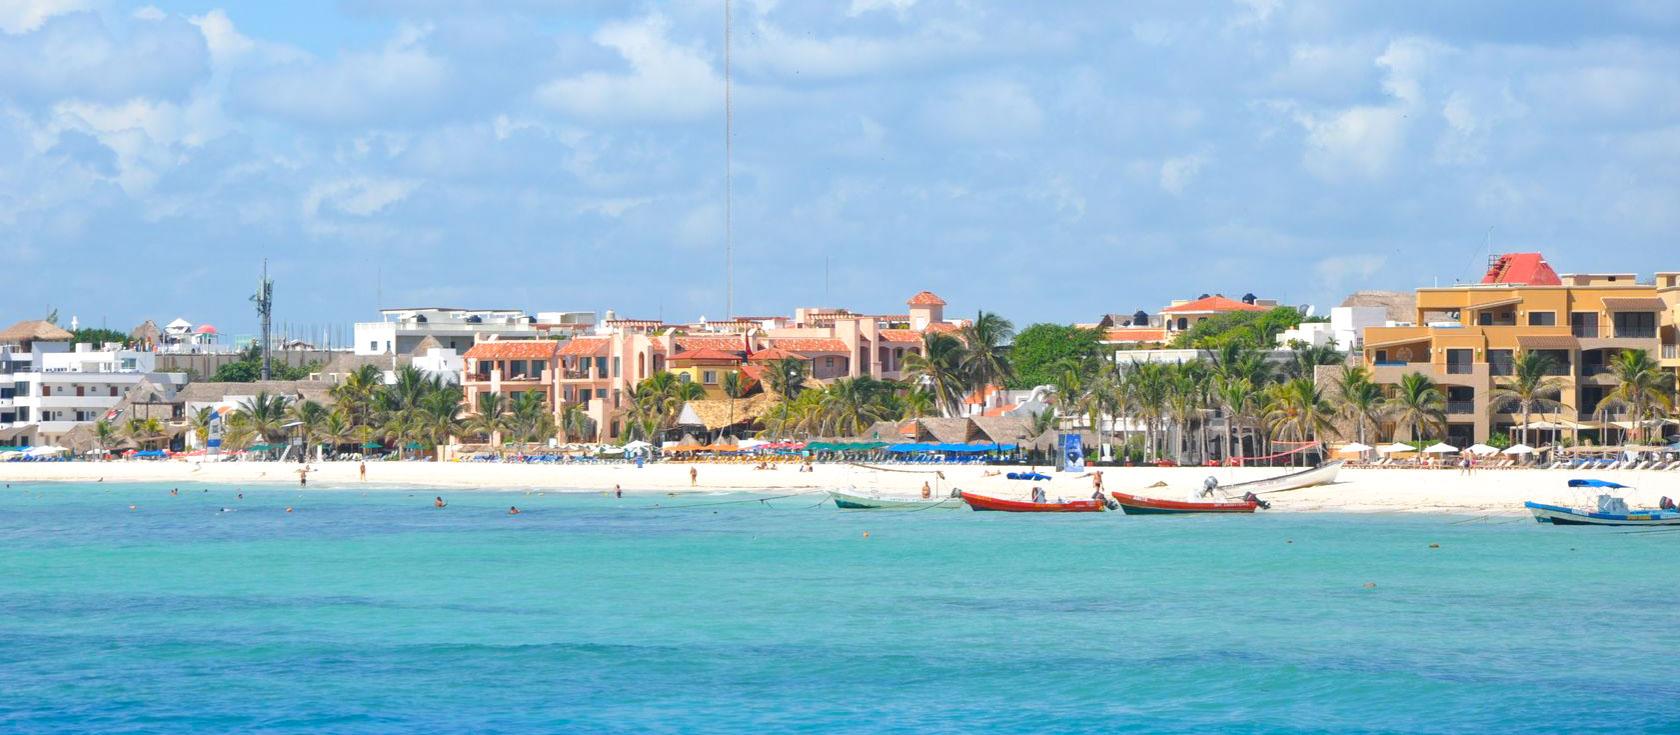 Playa del Carmen - Propiedades frente al mar y la Quinta Avenida